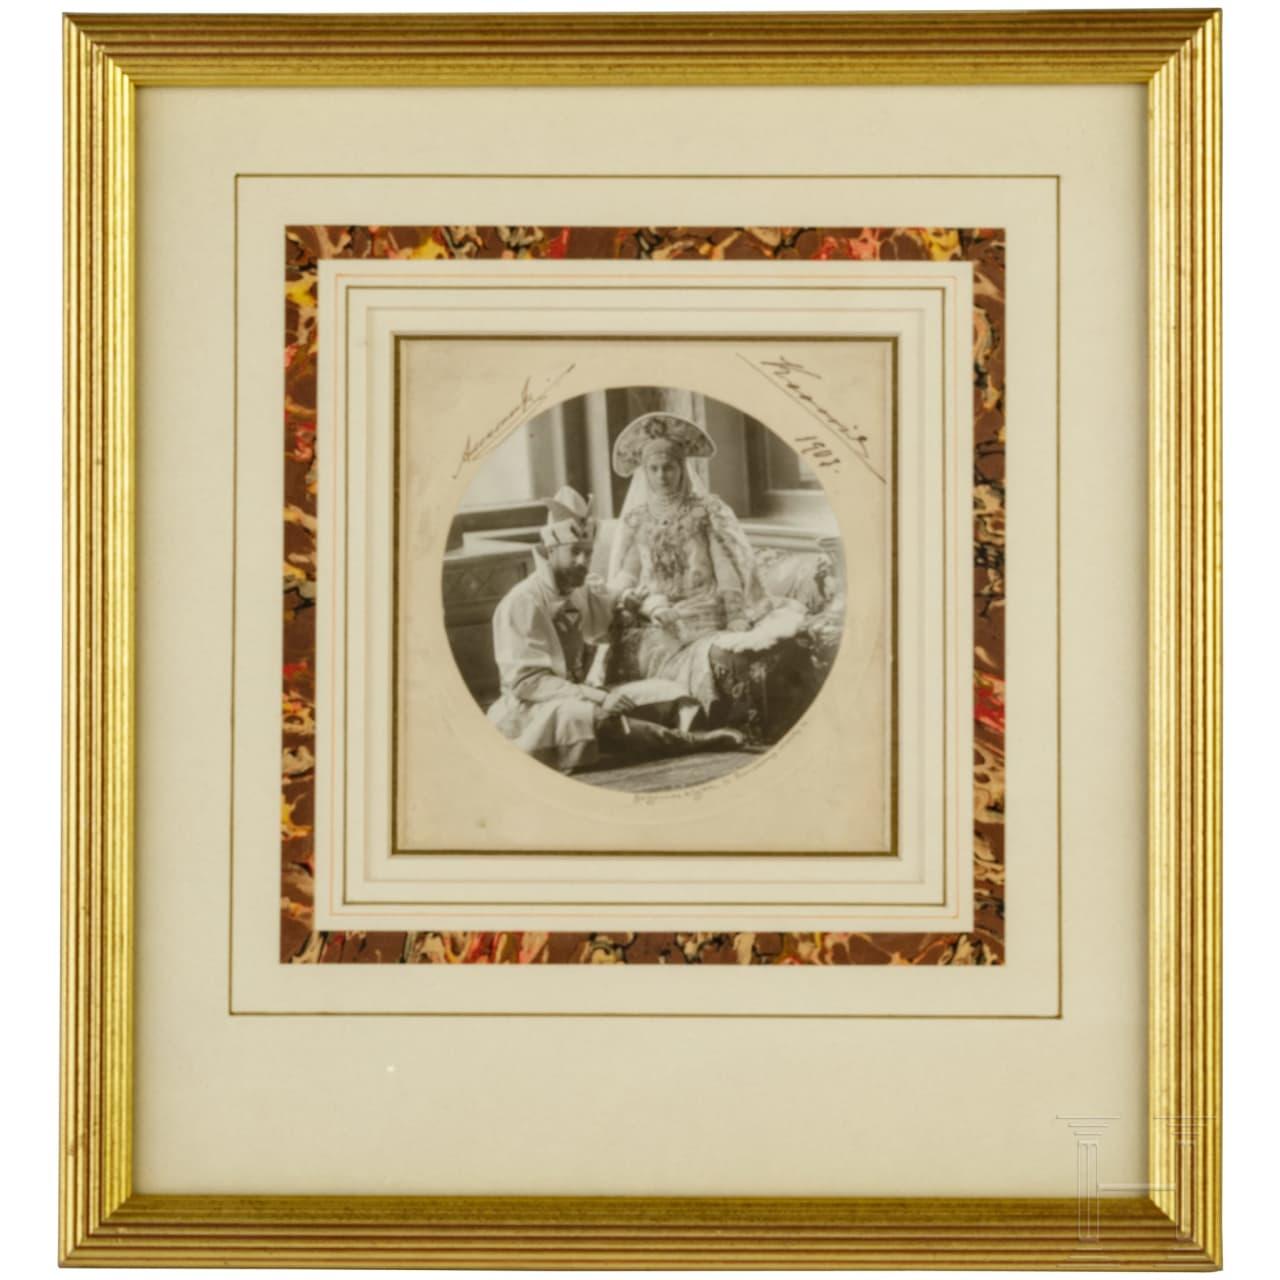 Foto des Großfürsten Alexander Mikhailovitch Romanov und der Großfürstin Xenia Alexandrovna, mit eigenhändigen Unterschriften in Tinte, sowie Foto von Zar Nikolaus II., Russland u.a., datiert 1907